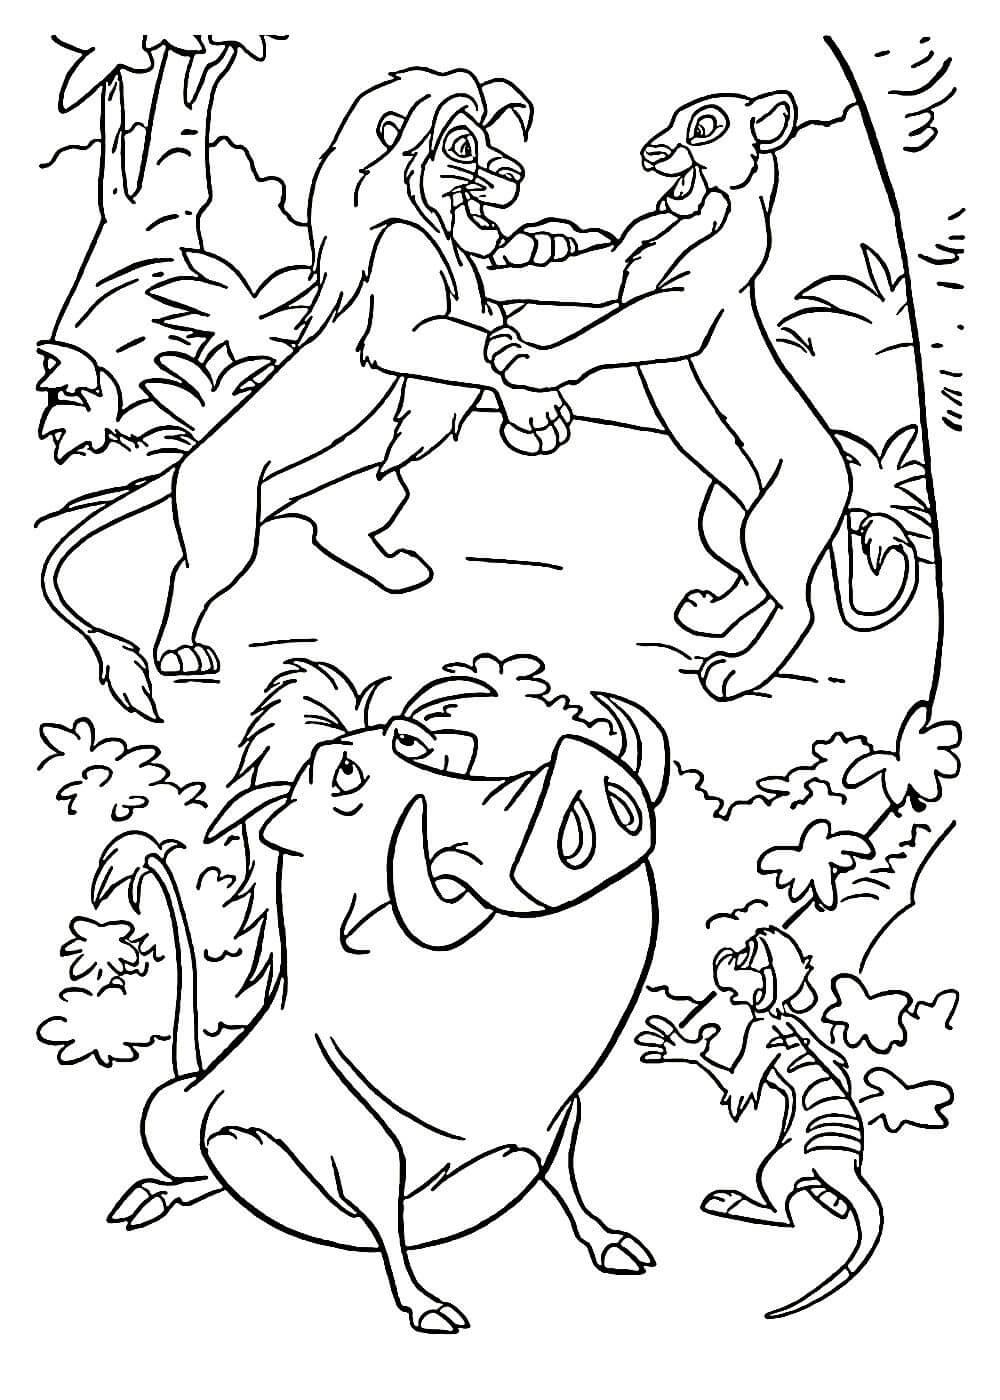 Раскраски Король Лев распечатать или скачать бесплатно в ...